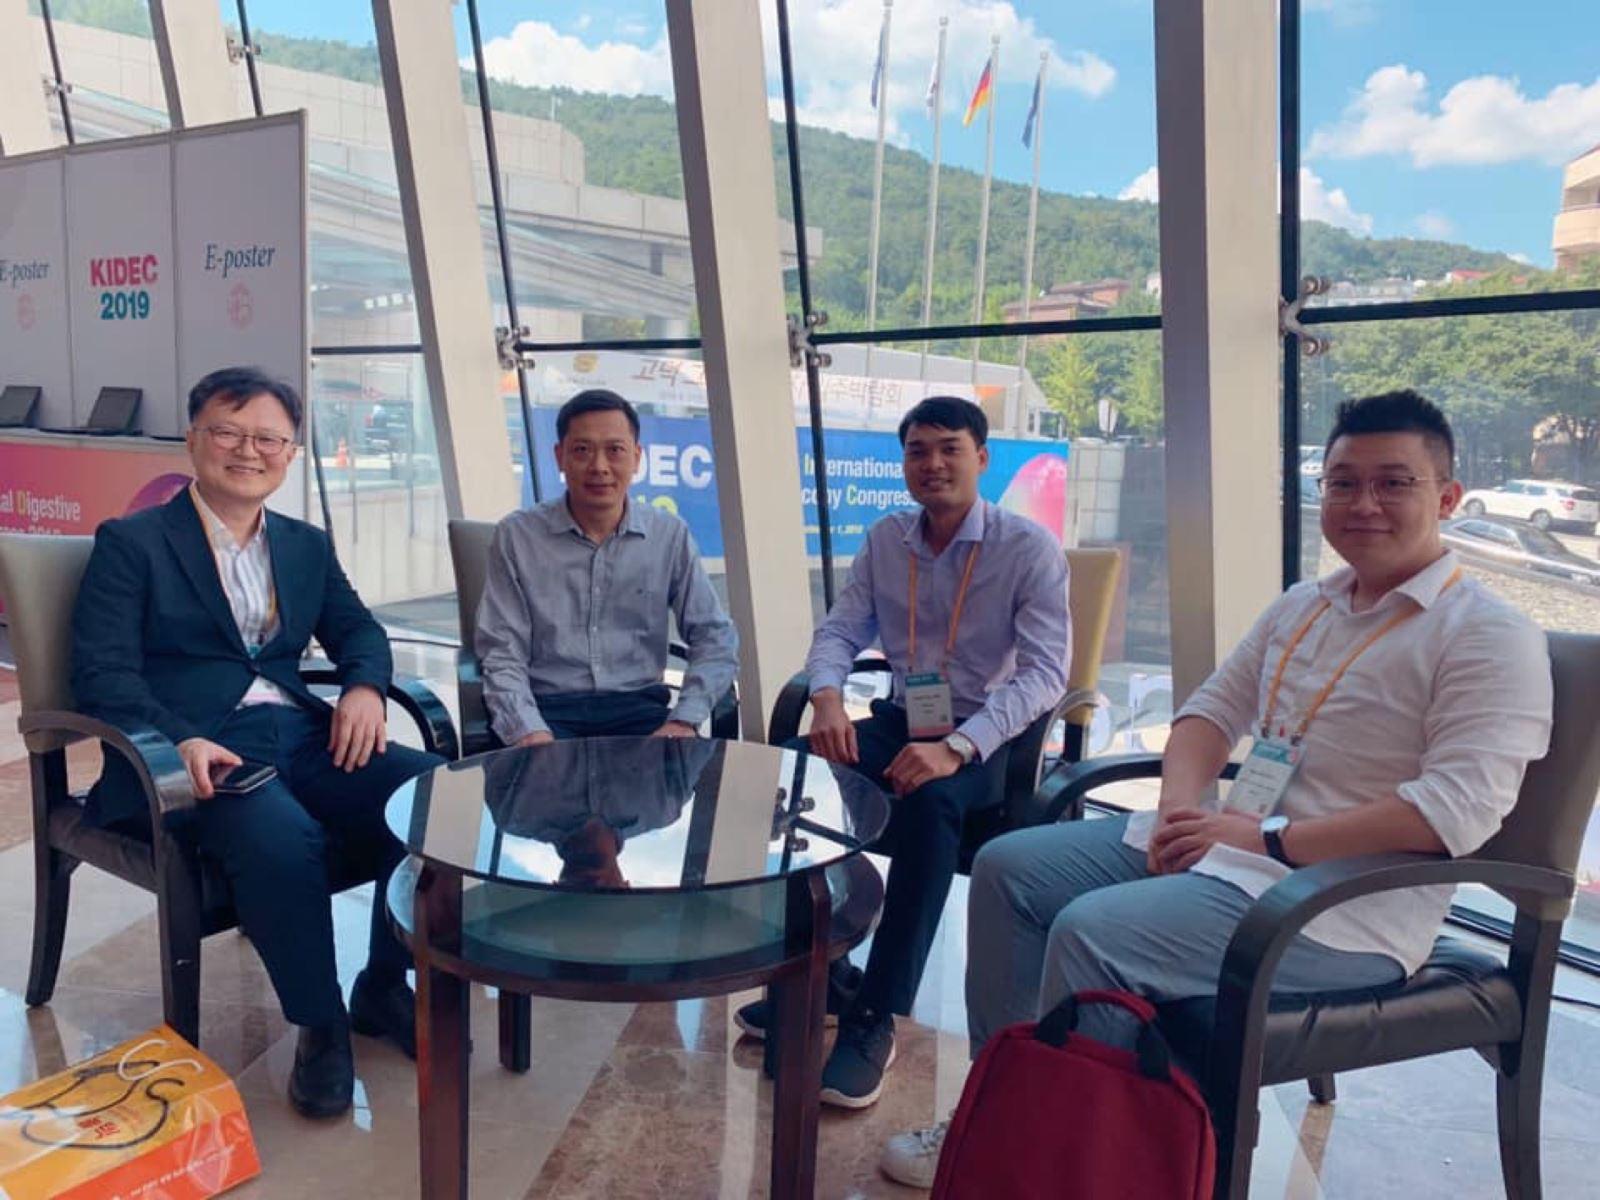 Đoàn bác sĩ BV198 tham gia Hội nghị Nội soi tiêu hoá quốc tế tại Hàn Quốc – KIDEC 2019